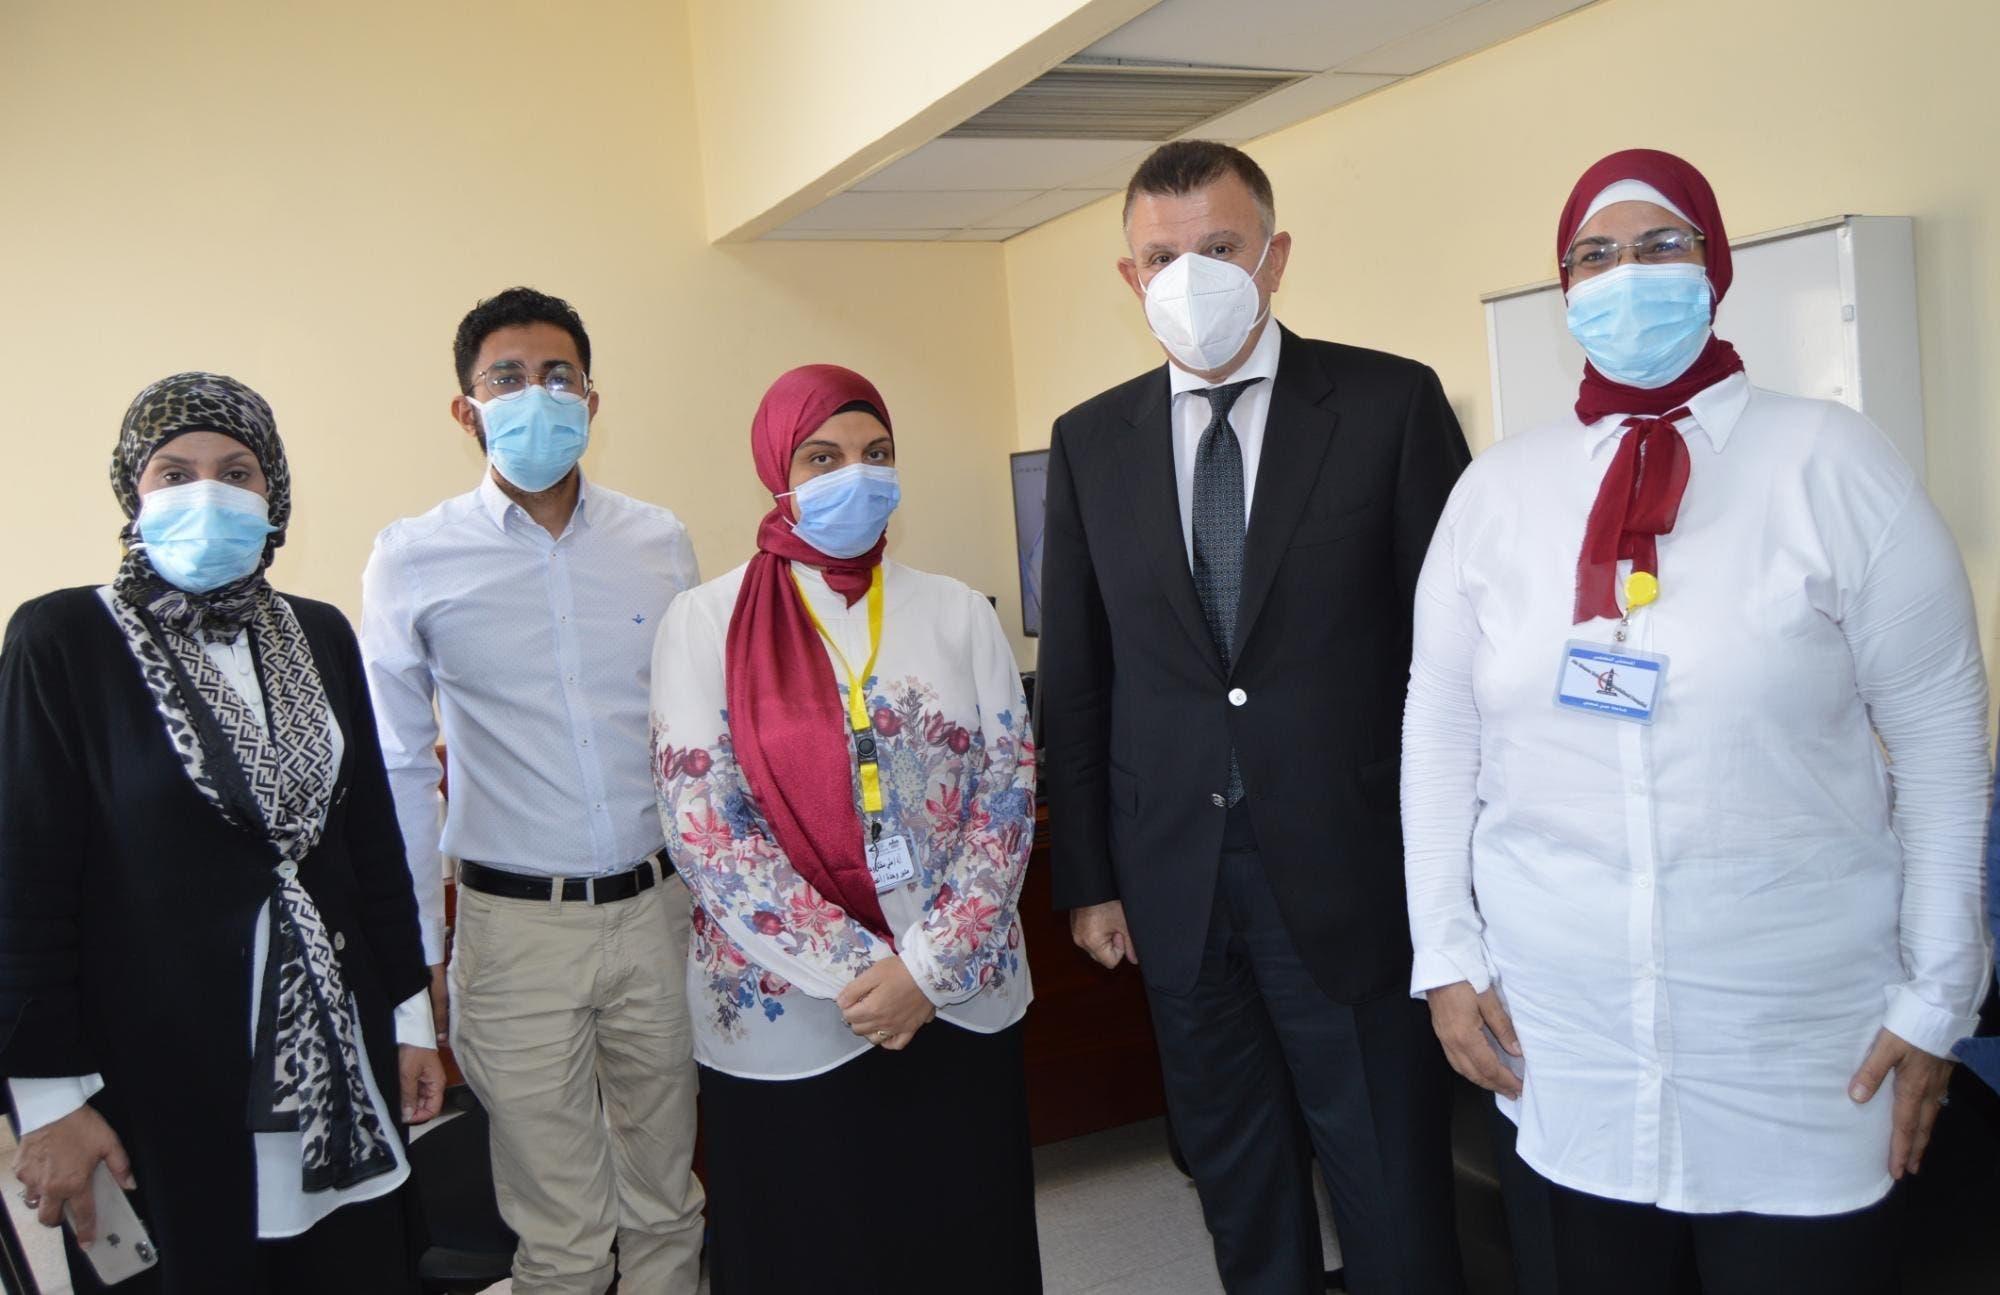 الفريق الطبي في مستشفى عين شمس الذي عالج الطفل آسر